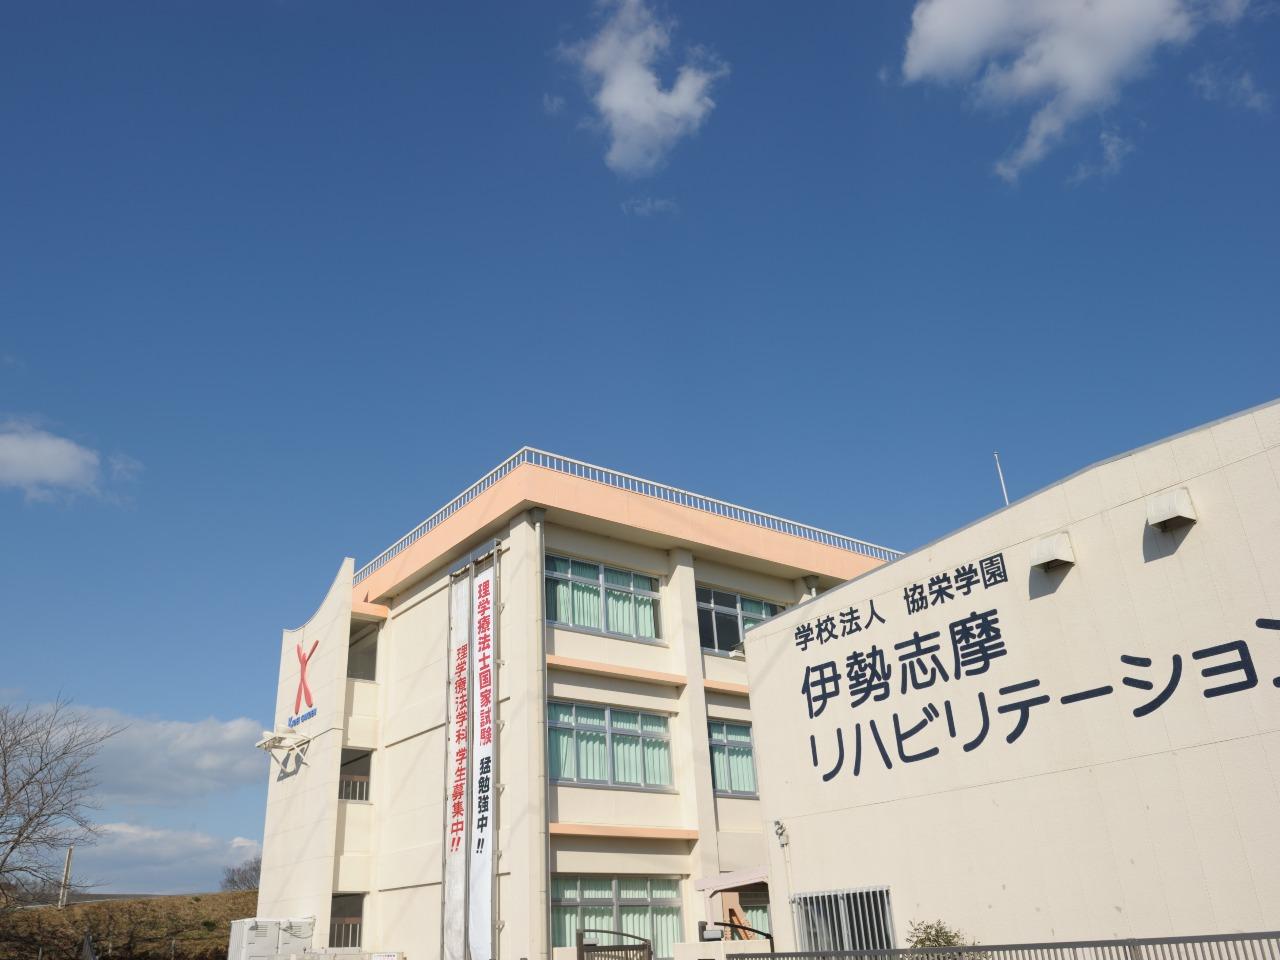 伊勢志摩リハビリテーション専門学校